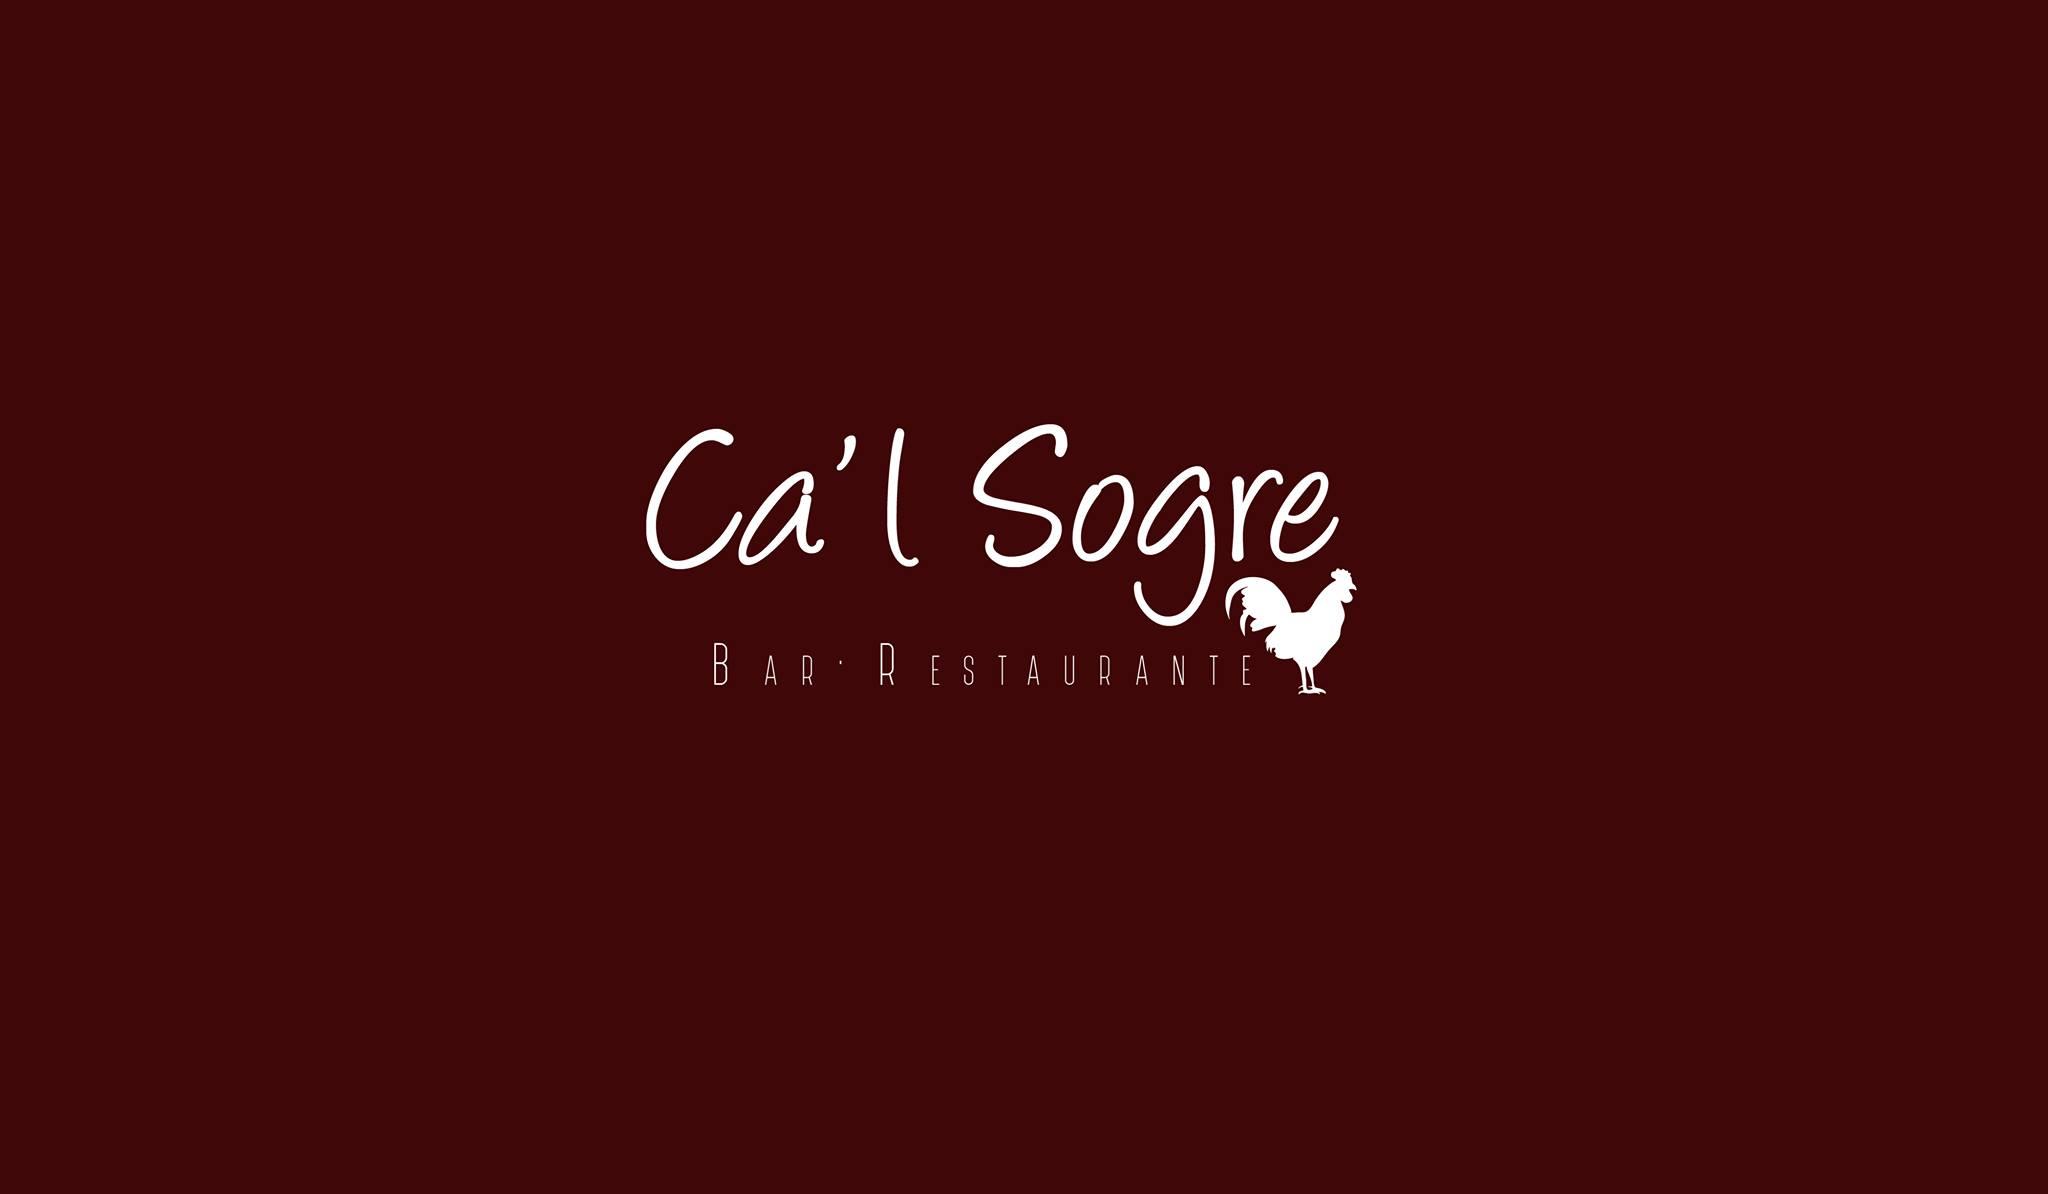 Restaurant Cal Sogre